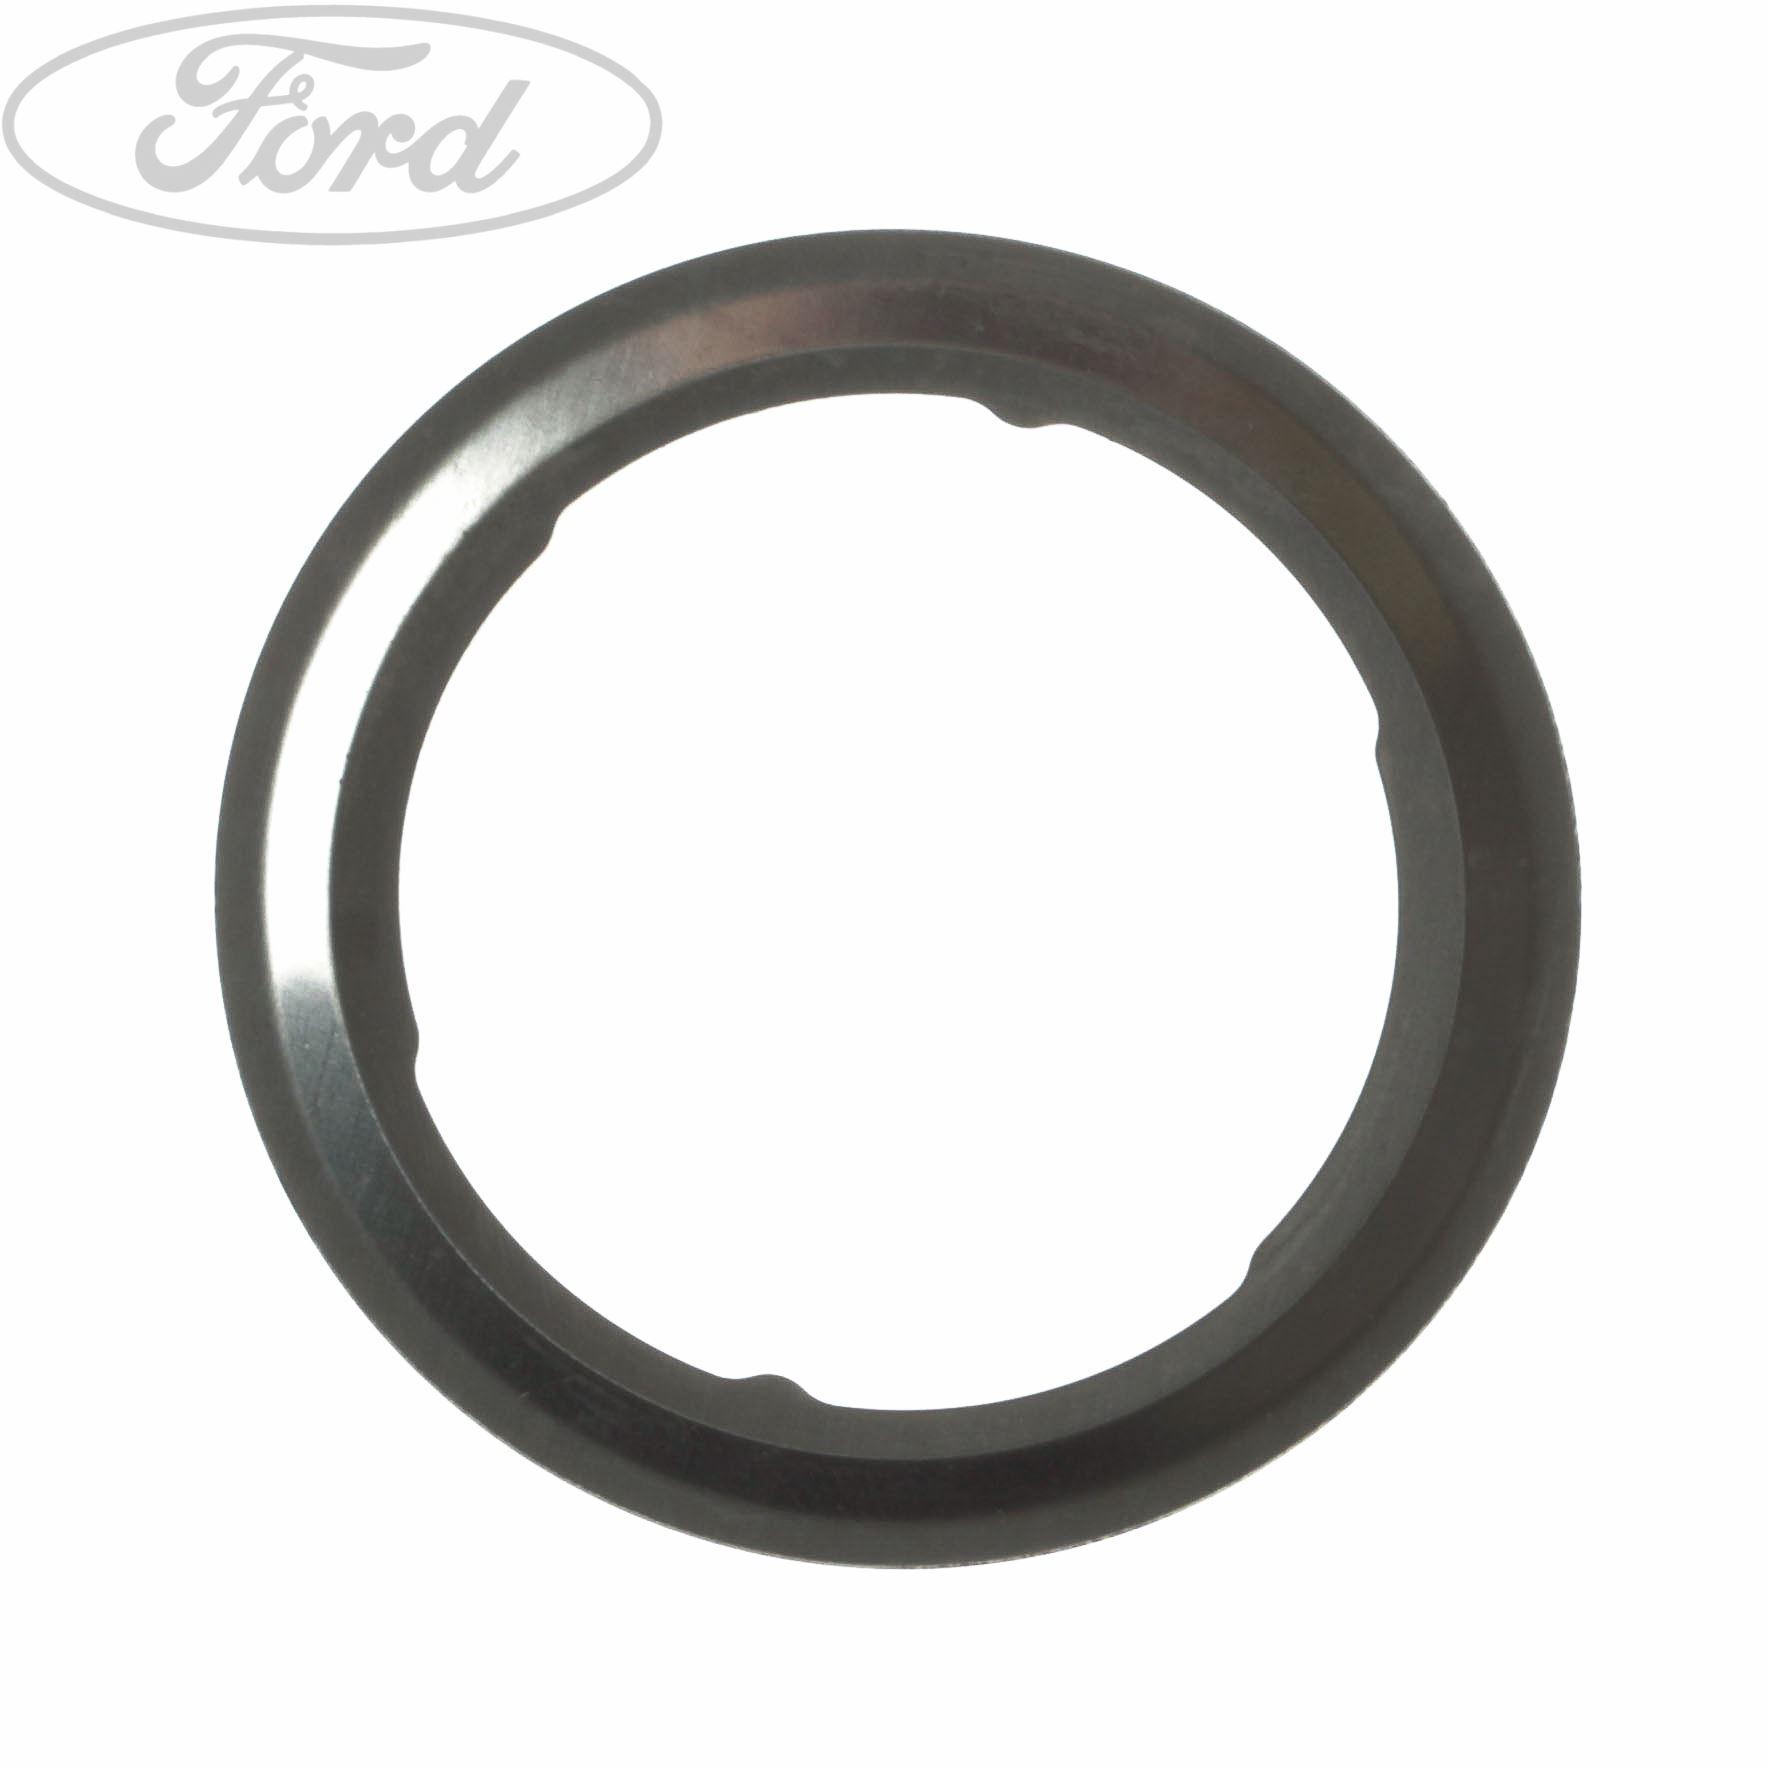 Genuine Ford Focus MK1 Transit Connect 1.8 TDCi EGR Valve Cooler Gasket 1111912